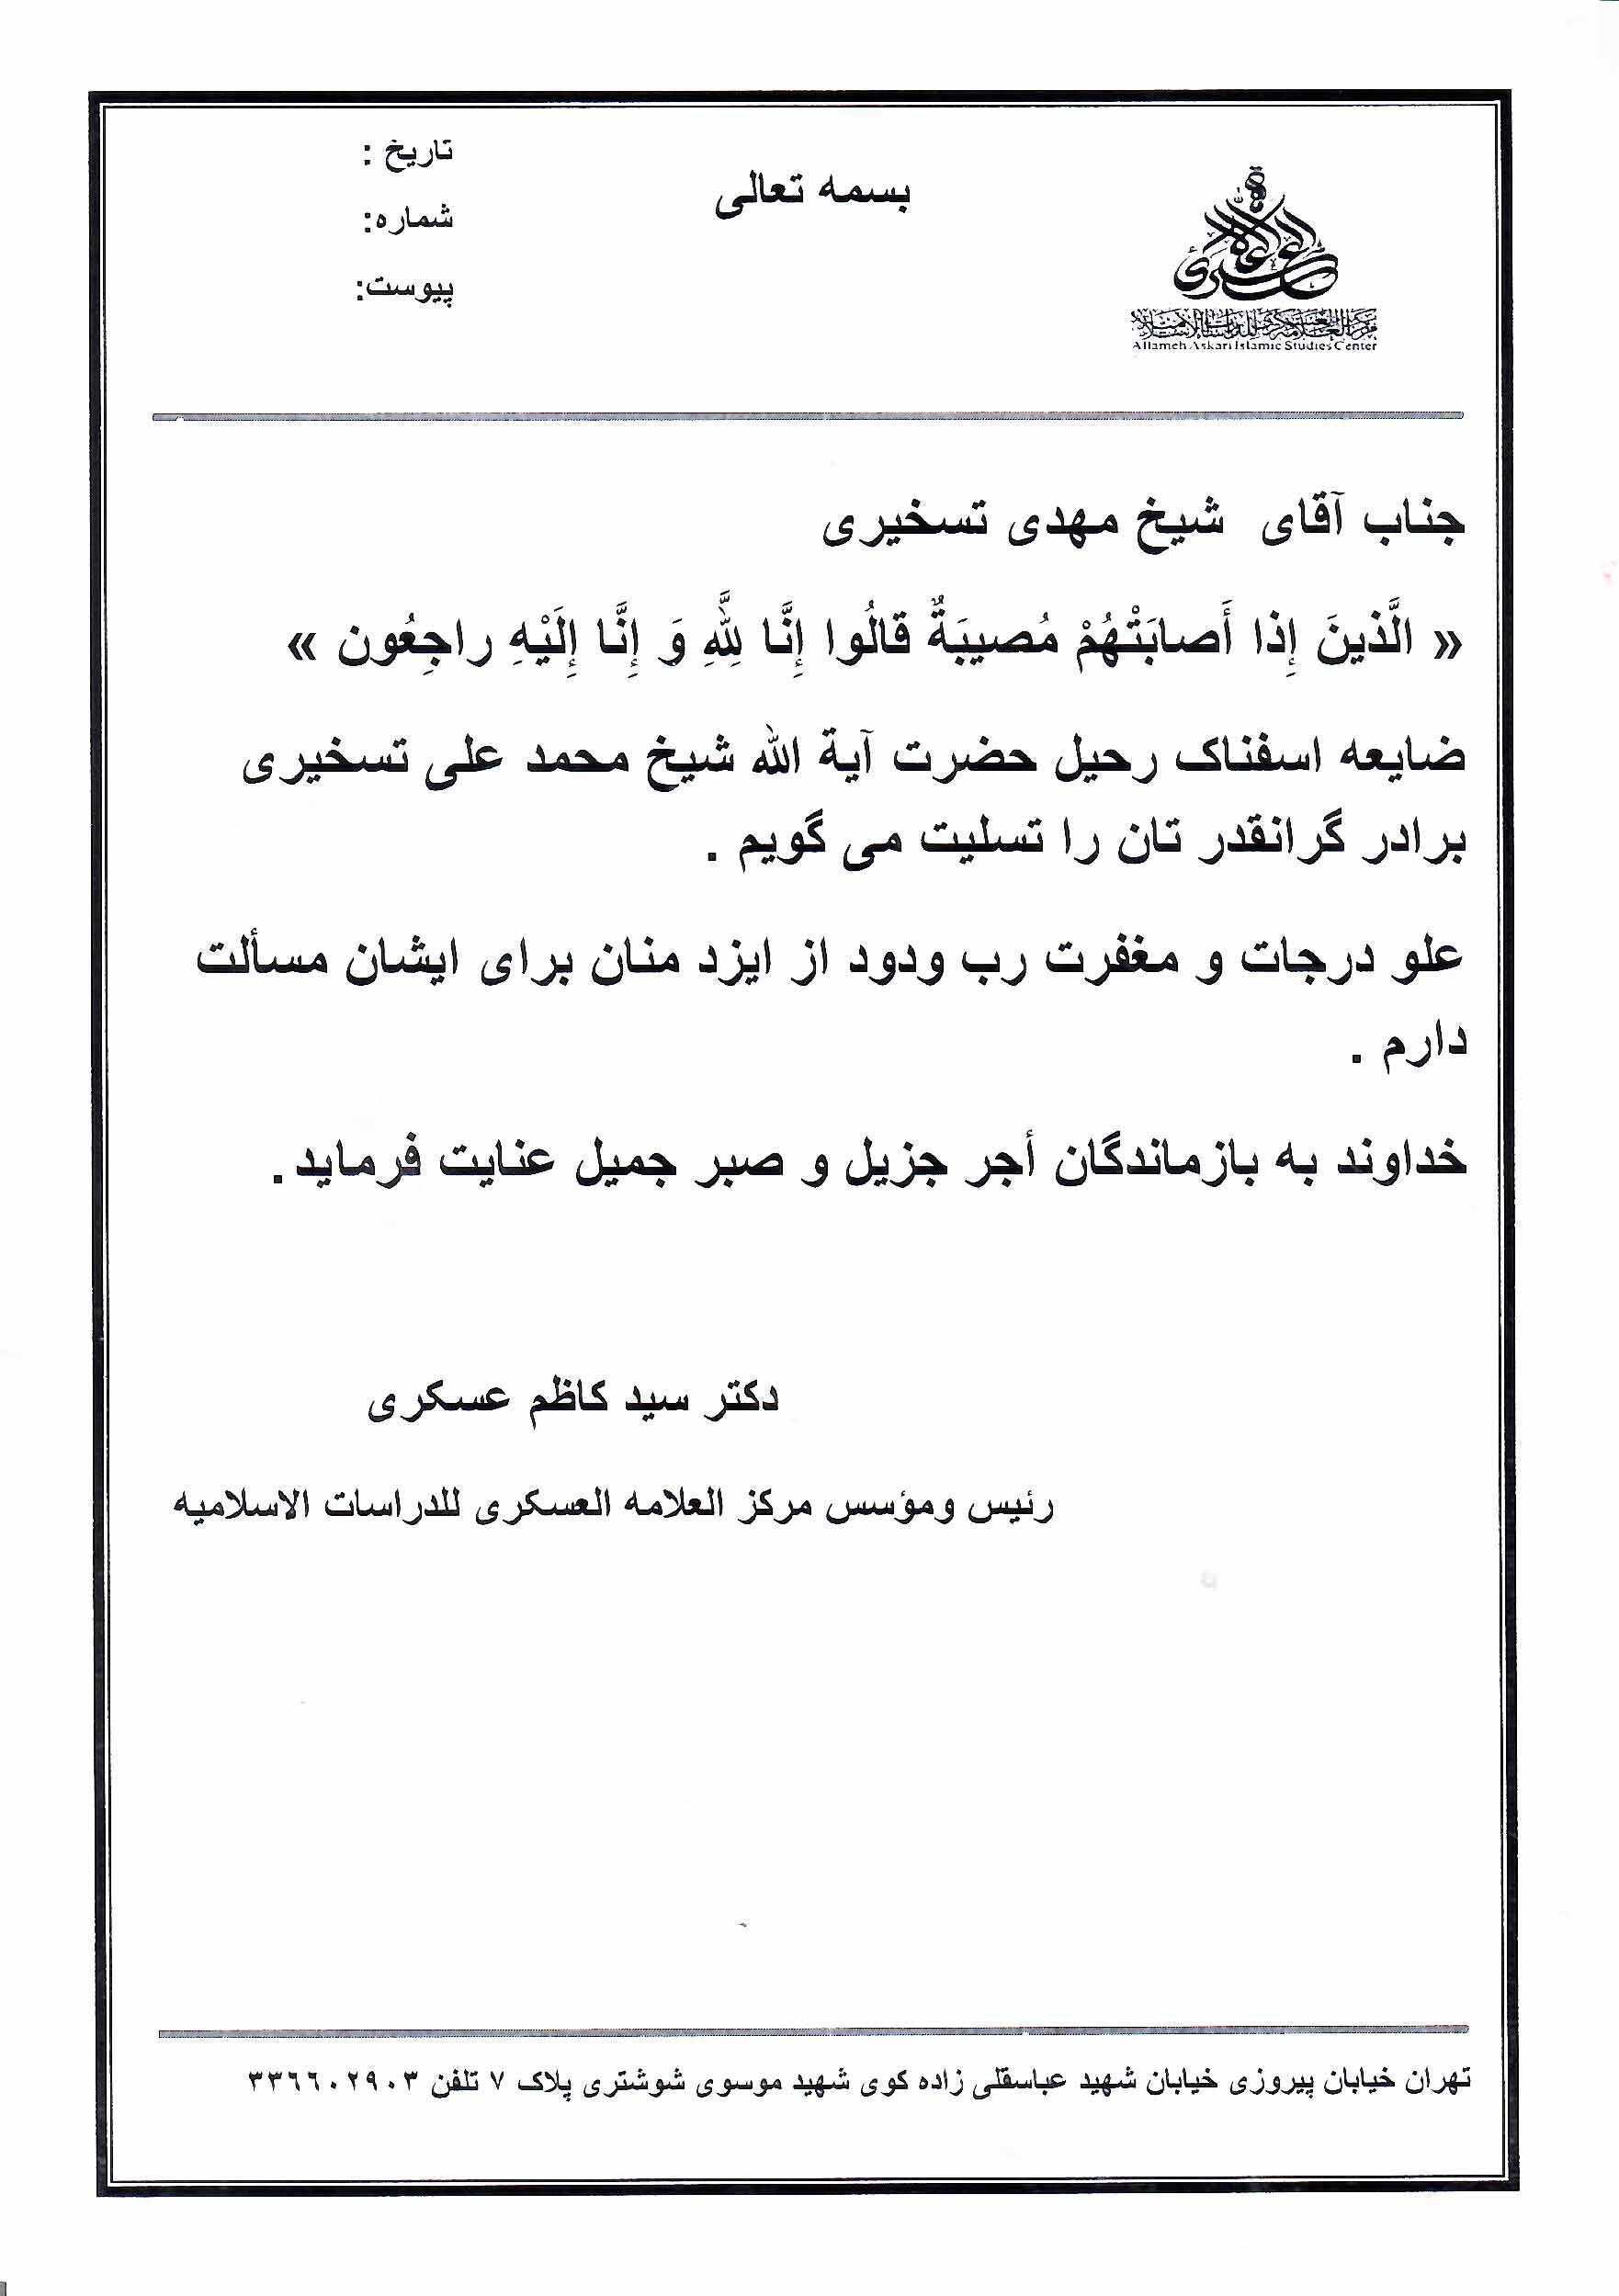 پیام تسلیت دکتر سید کاظم عسکری به مناسبت درگذشت آیت الله تسخیری